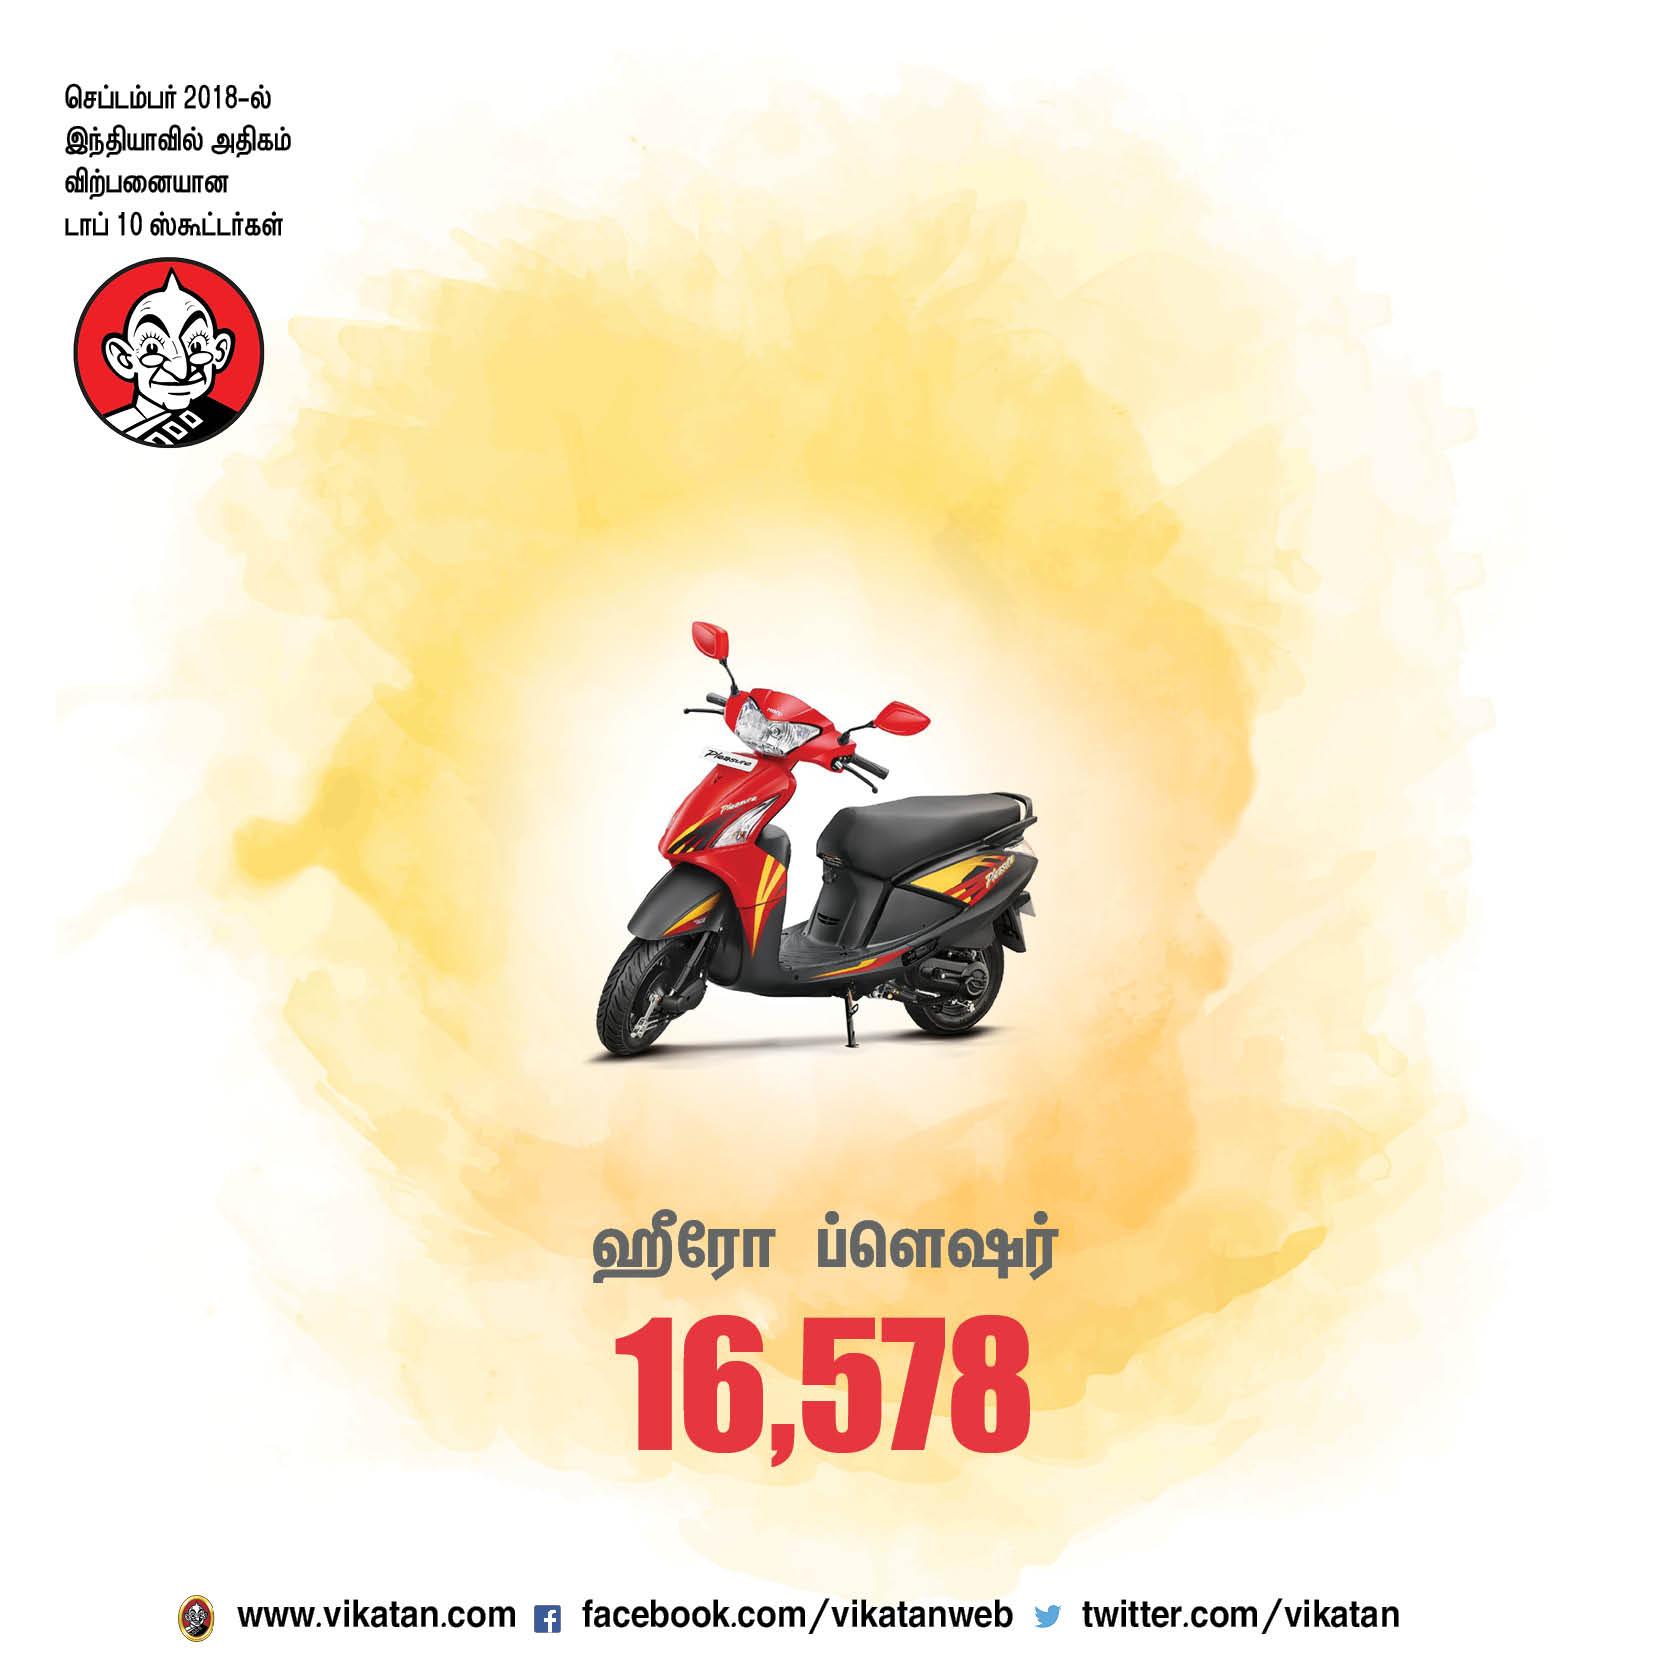 செப்டம்பர் 2018-ல் இந்தியாவில் அதிகம் விற்பனையான டாப் 10 ஸ்கூட்டர்கள்!